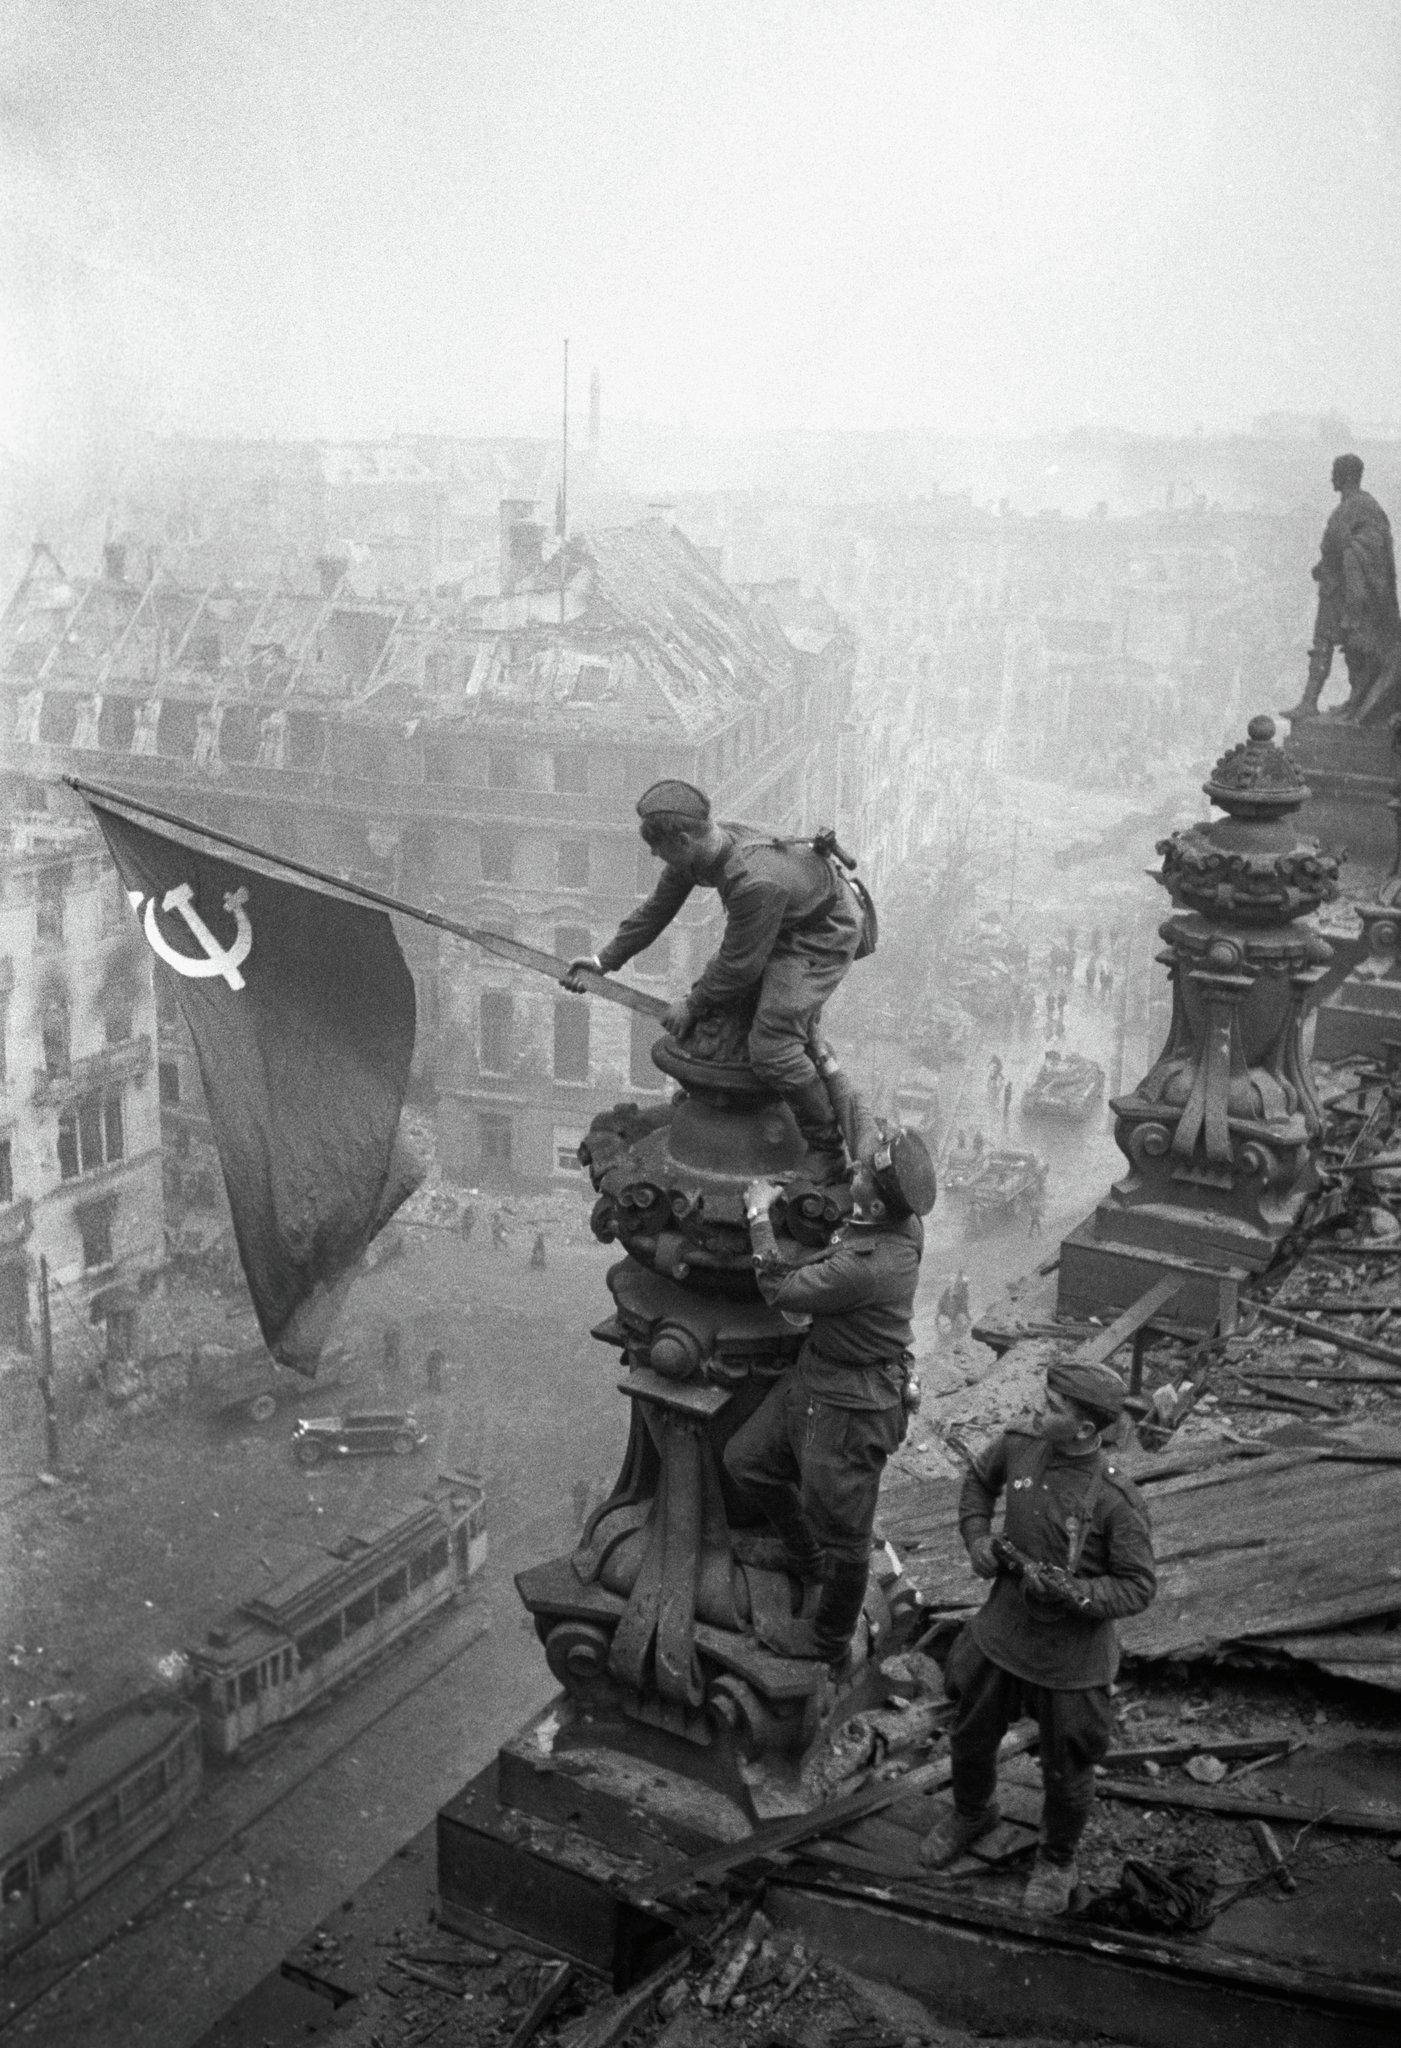 La bandiera dell'Armata Rossa sul Reichstag.